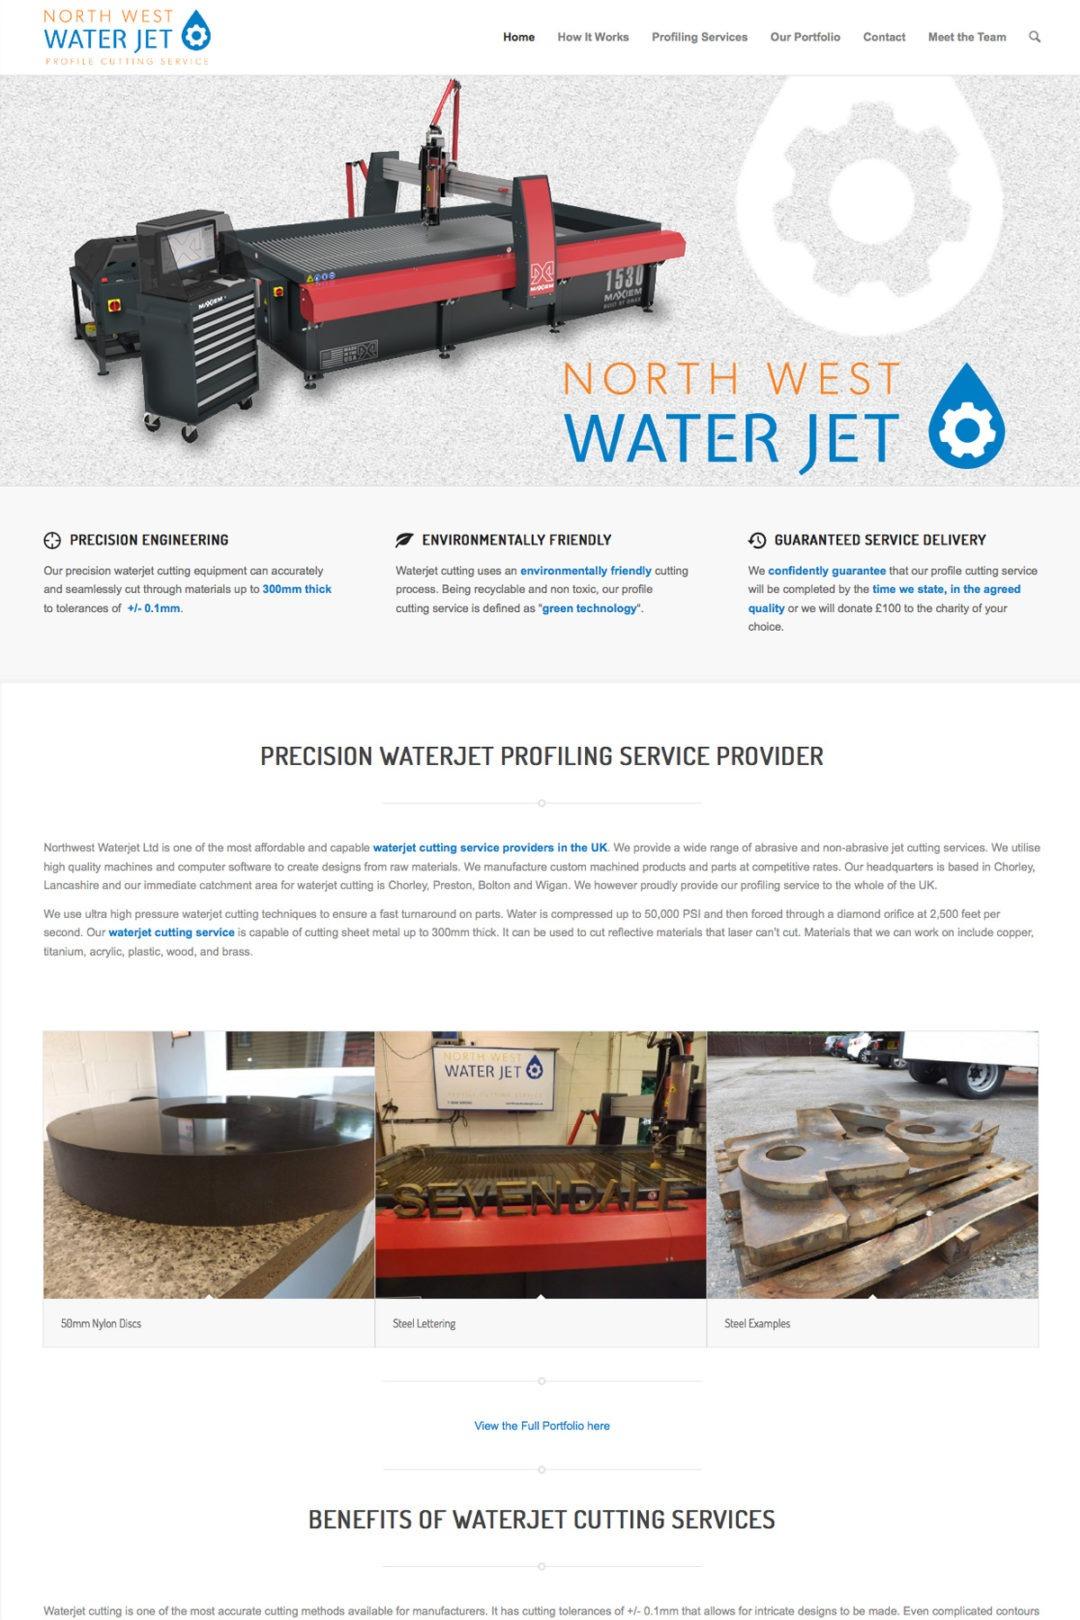 North West Water Jet